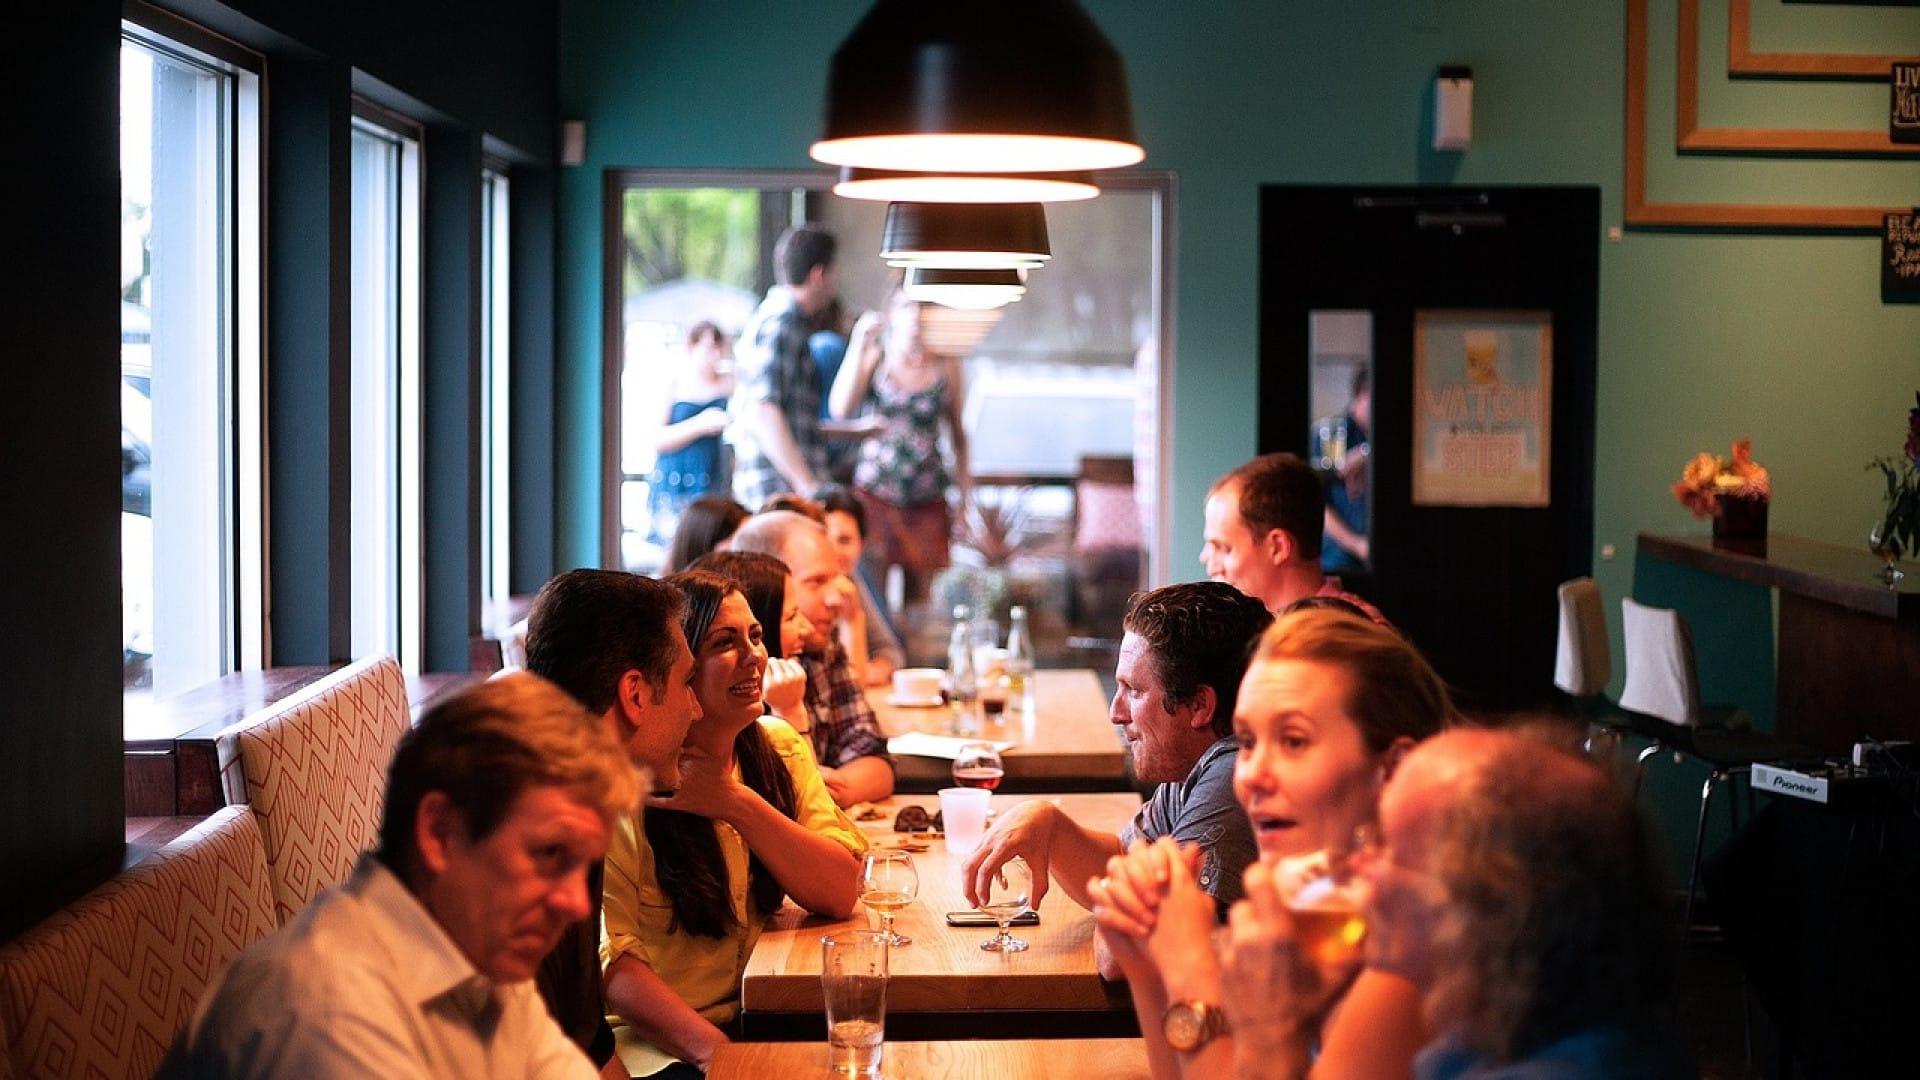 Pourquoi prendre un repas en famille dans un restaurant ?